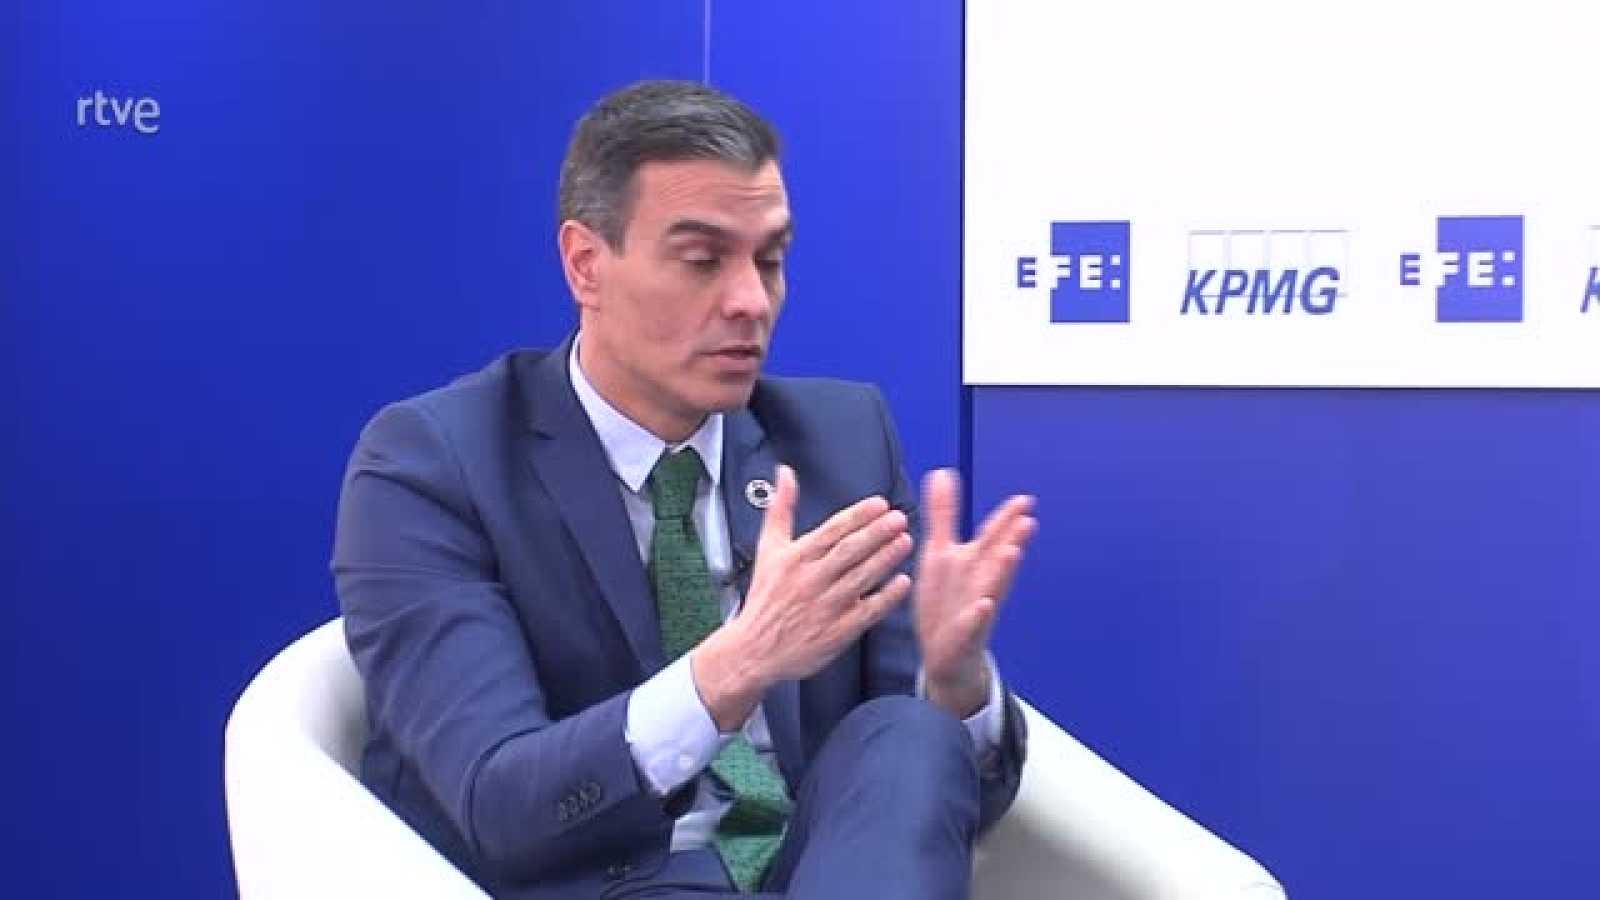 """Sánchez aposta per unes eleccions immediates a Catalunya i demana """"assumir la decisió que prengui el TSJC"""""""